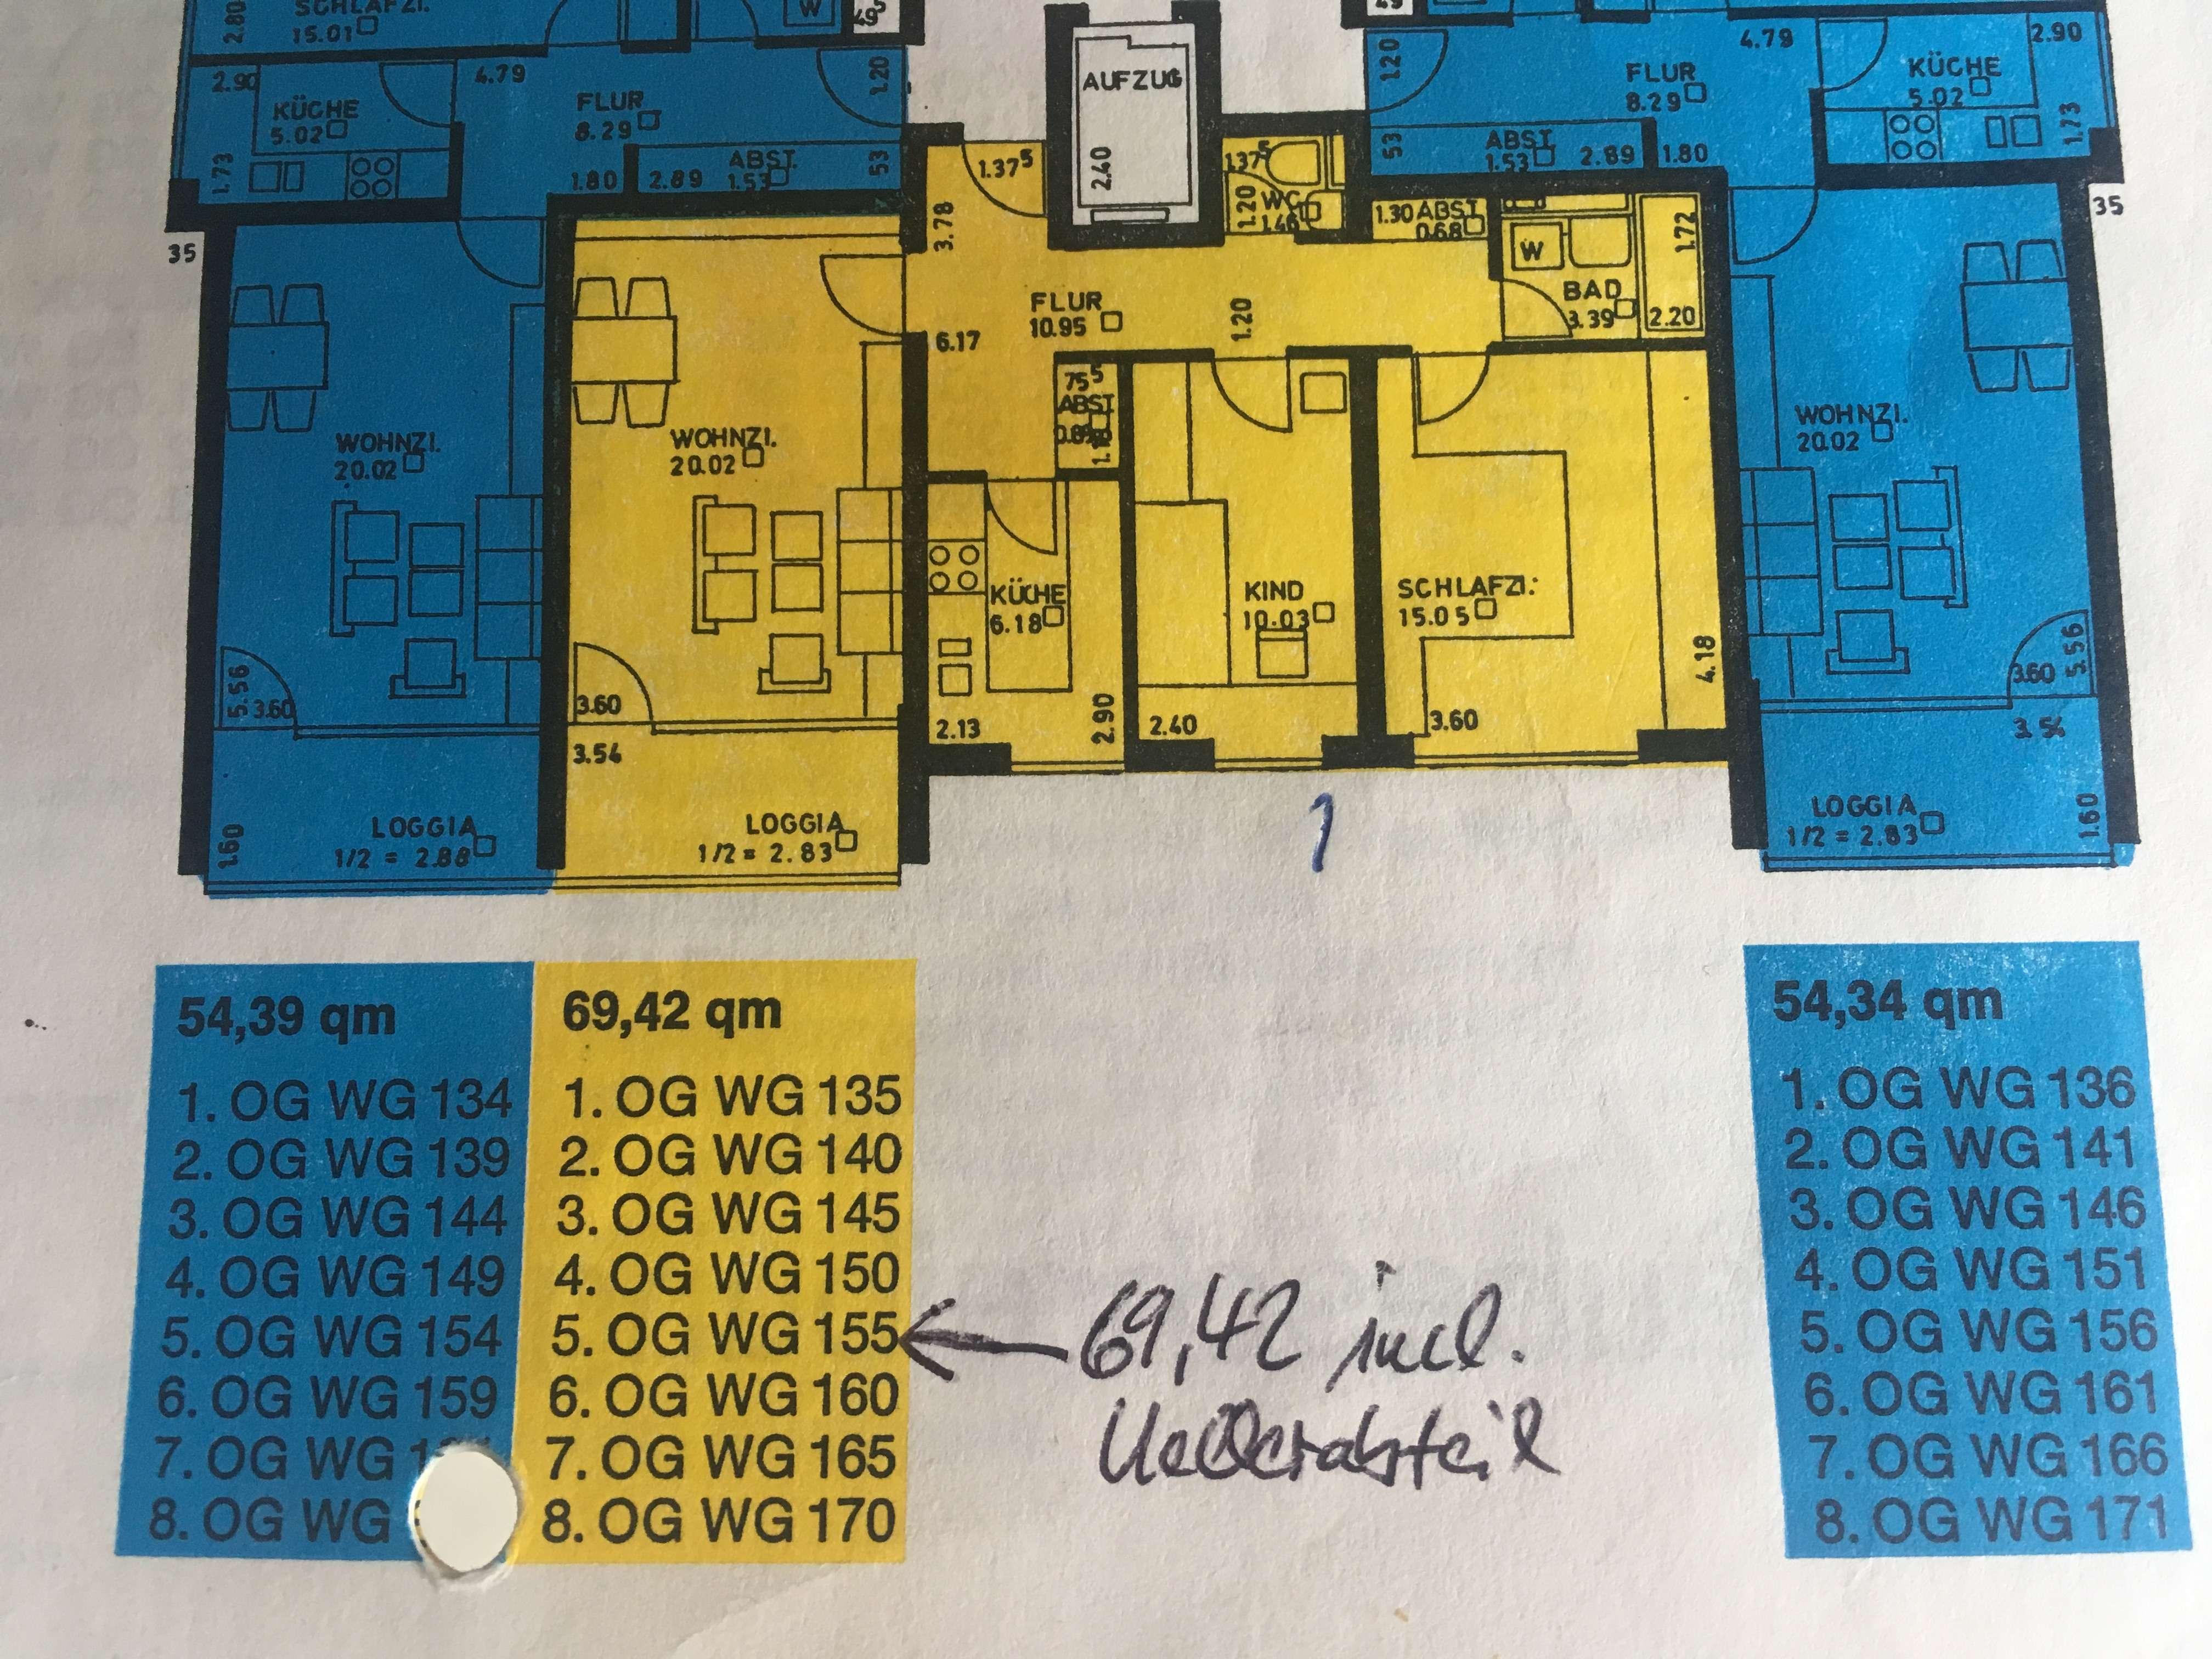 Neu renovierte schöne drei Zimmer Wohnung in München (Kreis), Unterföhring